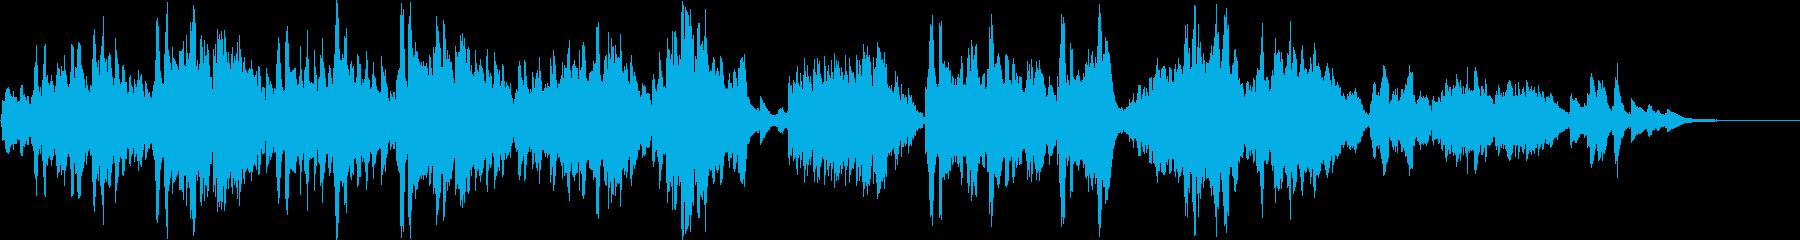 エルガー 愛の挨拶 ヴァイオリン ピアノの再生済みの波形